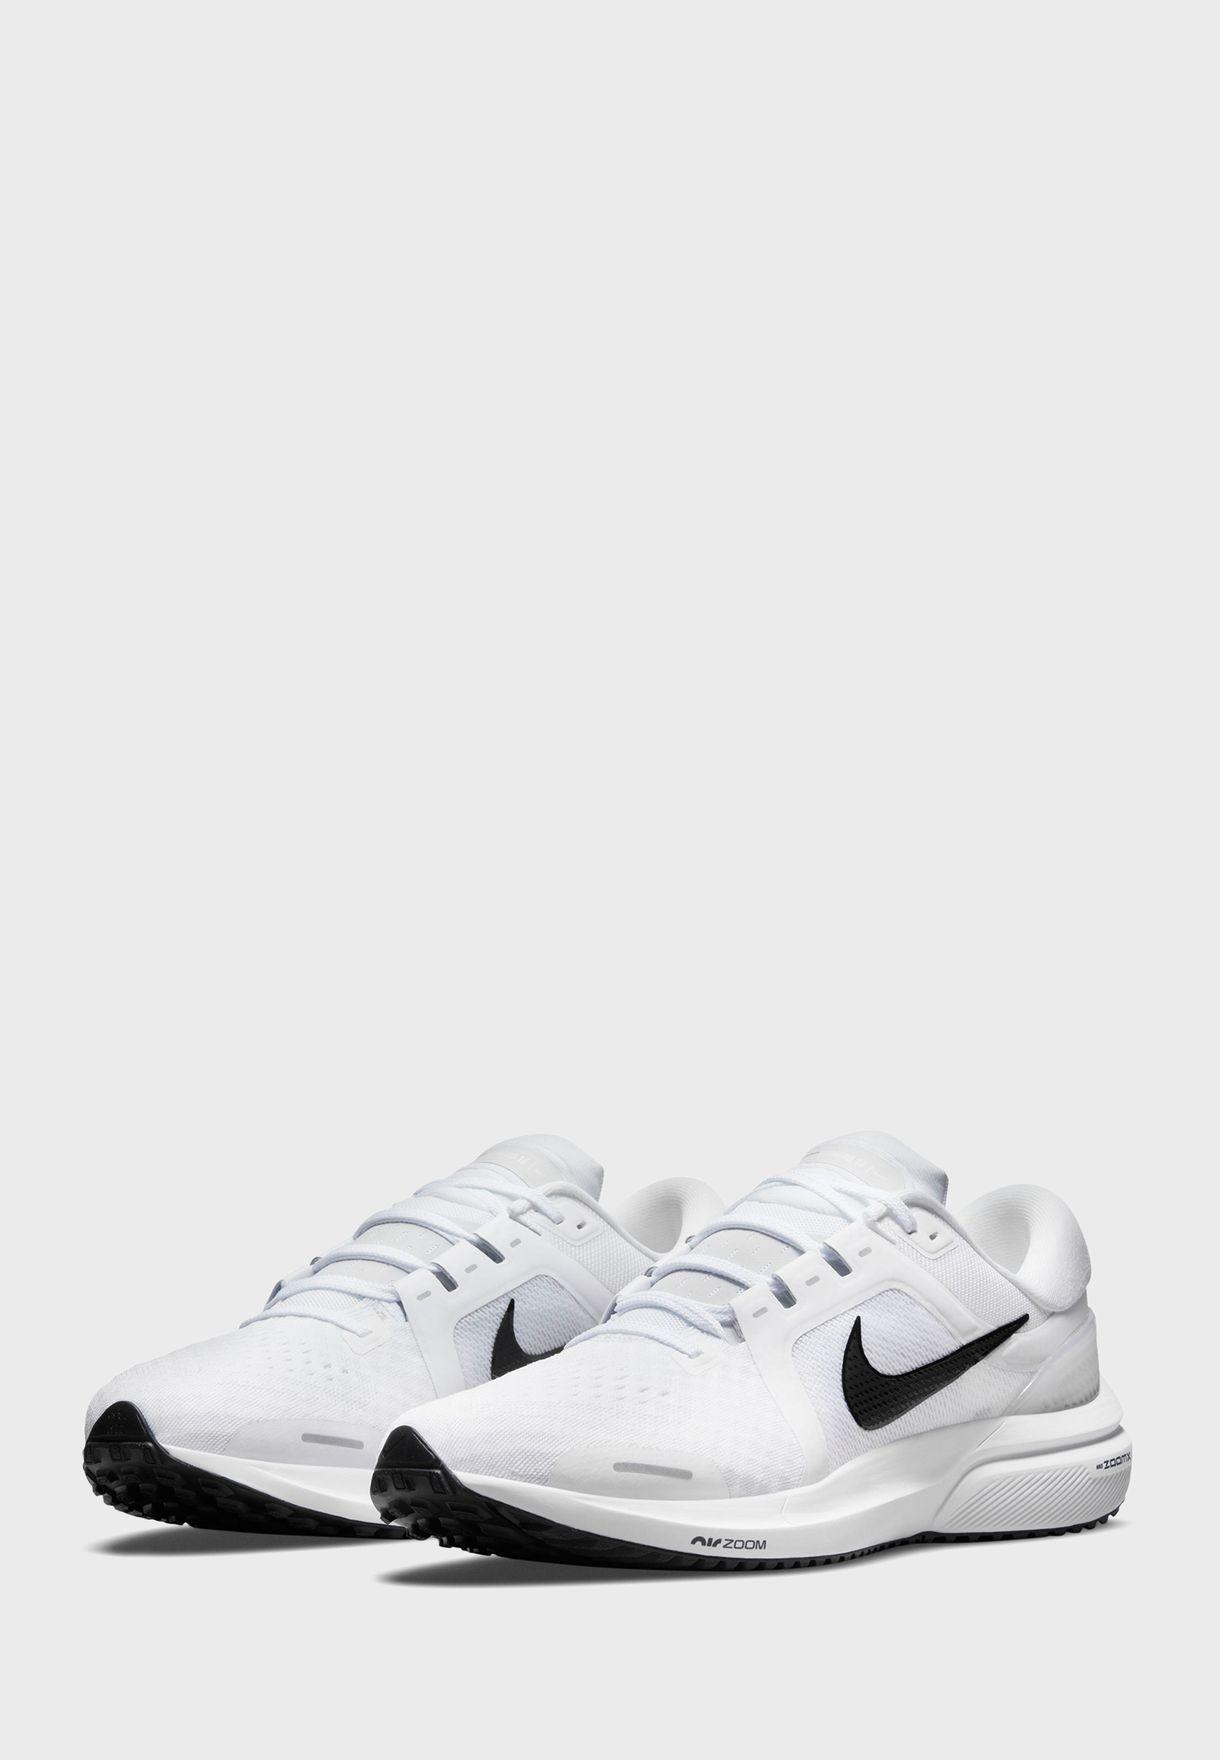 حذاء اير زوم فوميرو 16